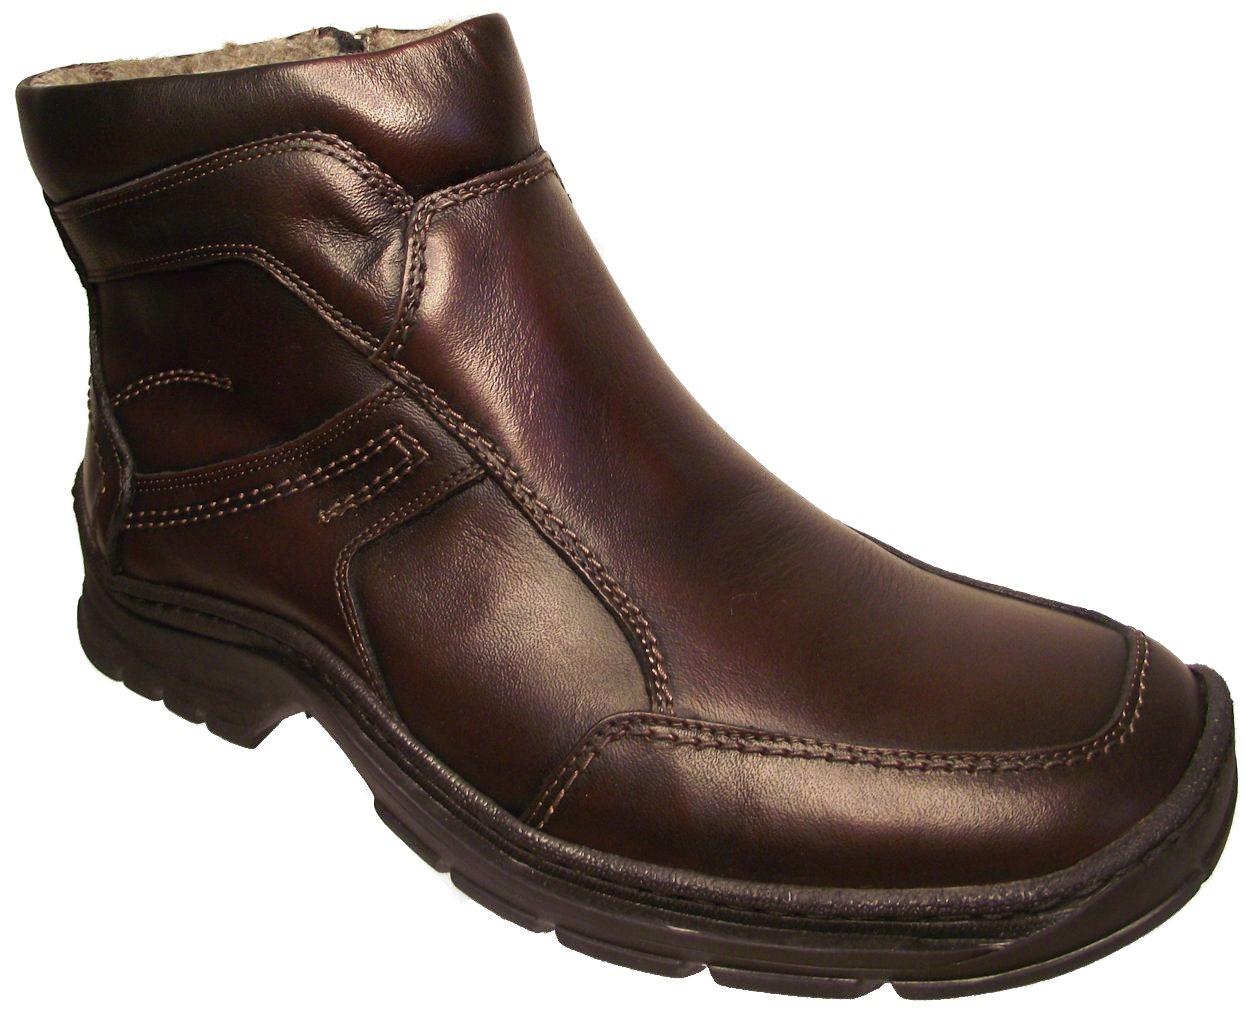 Pánská zimní kotníková obuv Hujo 2286 hnědá Velikost: 46 (EU)